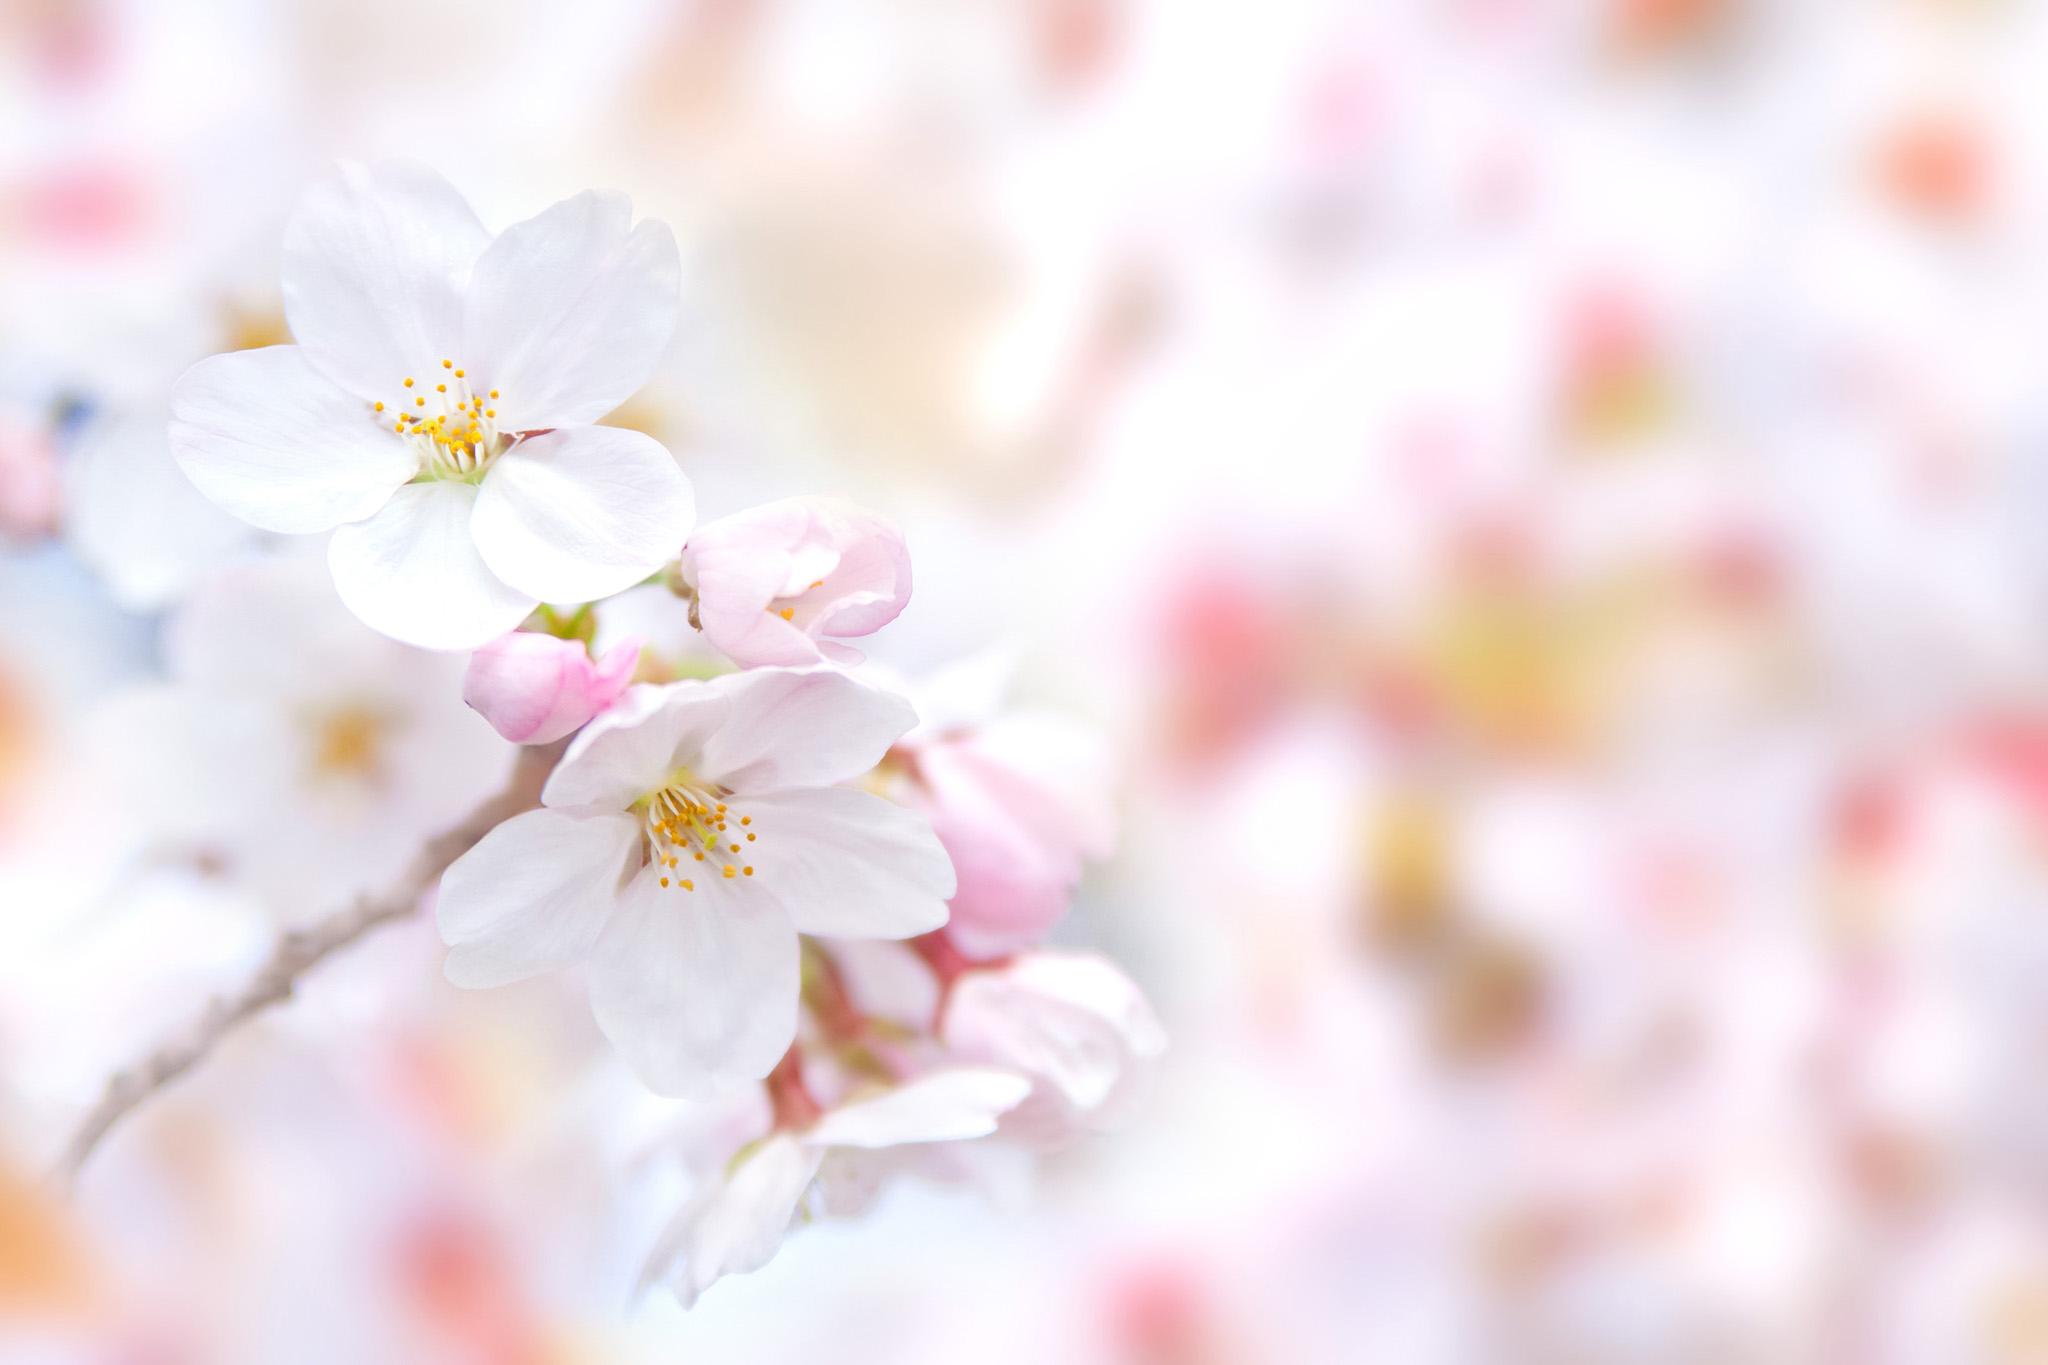 「白い桜の花とピンクのつぼみ」